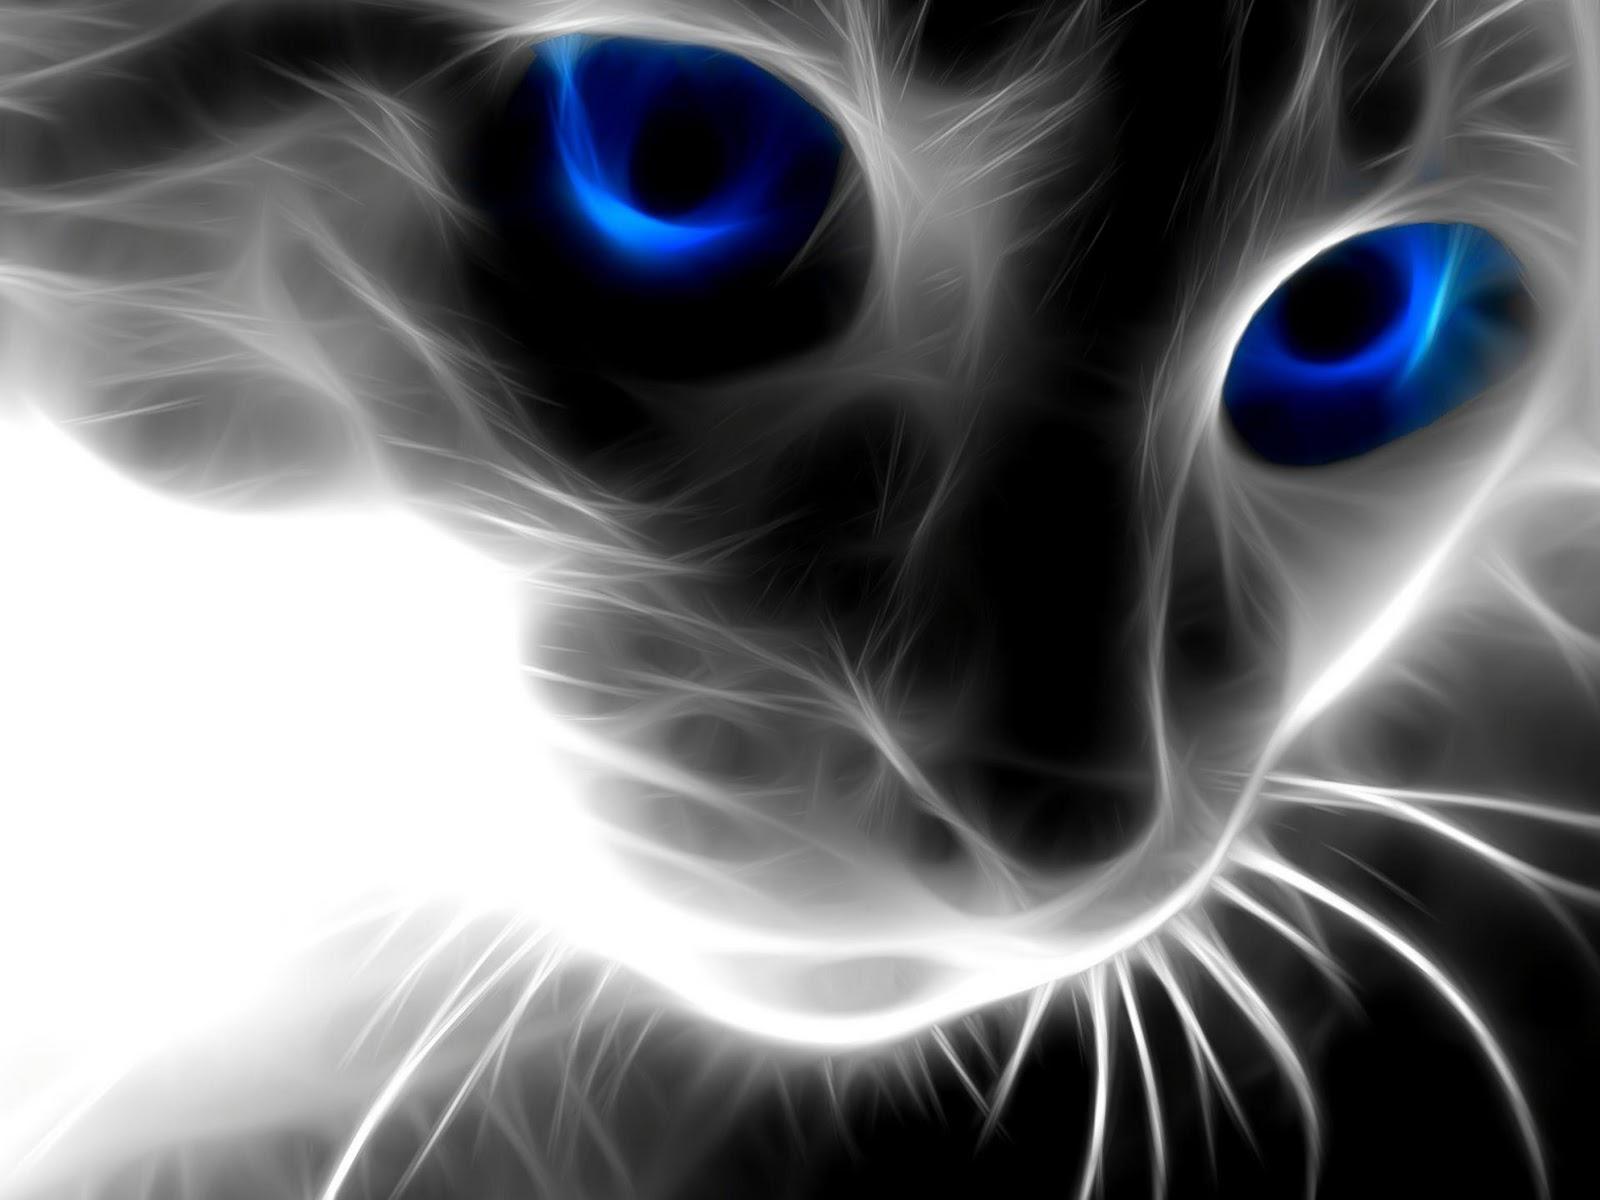 http://4.bp.blogspot.com/_W9-uwGB2bVA/TTnErF739eI/AAAAAAAAB2c/rWvDUDiaPms/s1600/Magic_Cat_wallpaper_windows_7.jpg